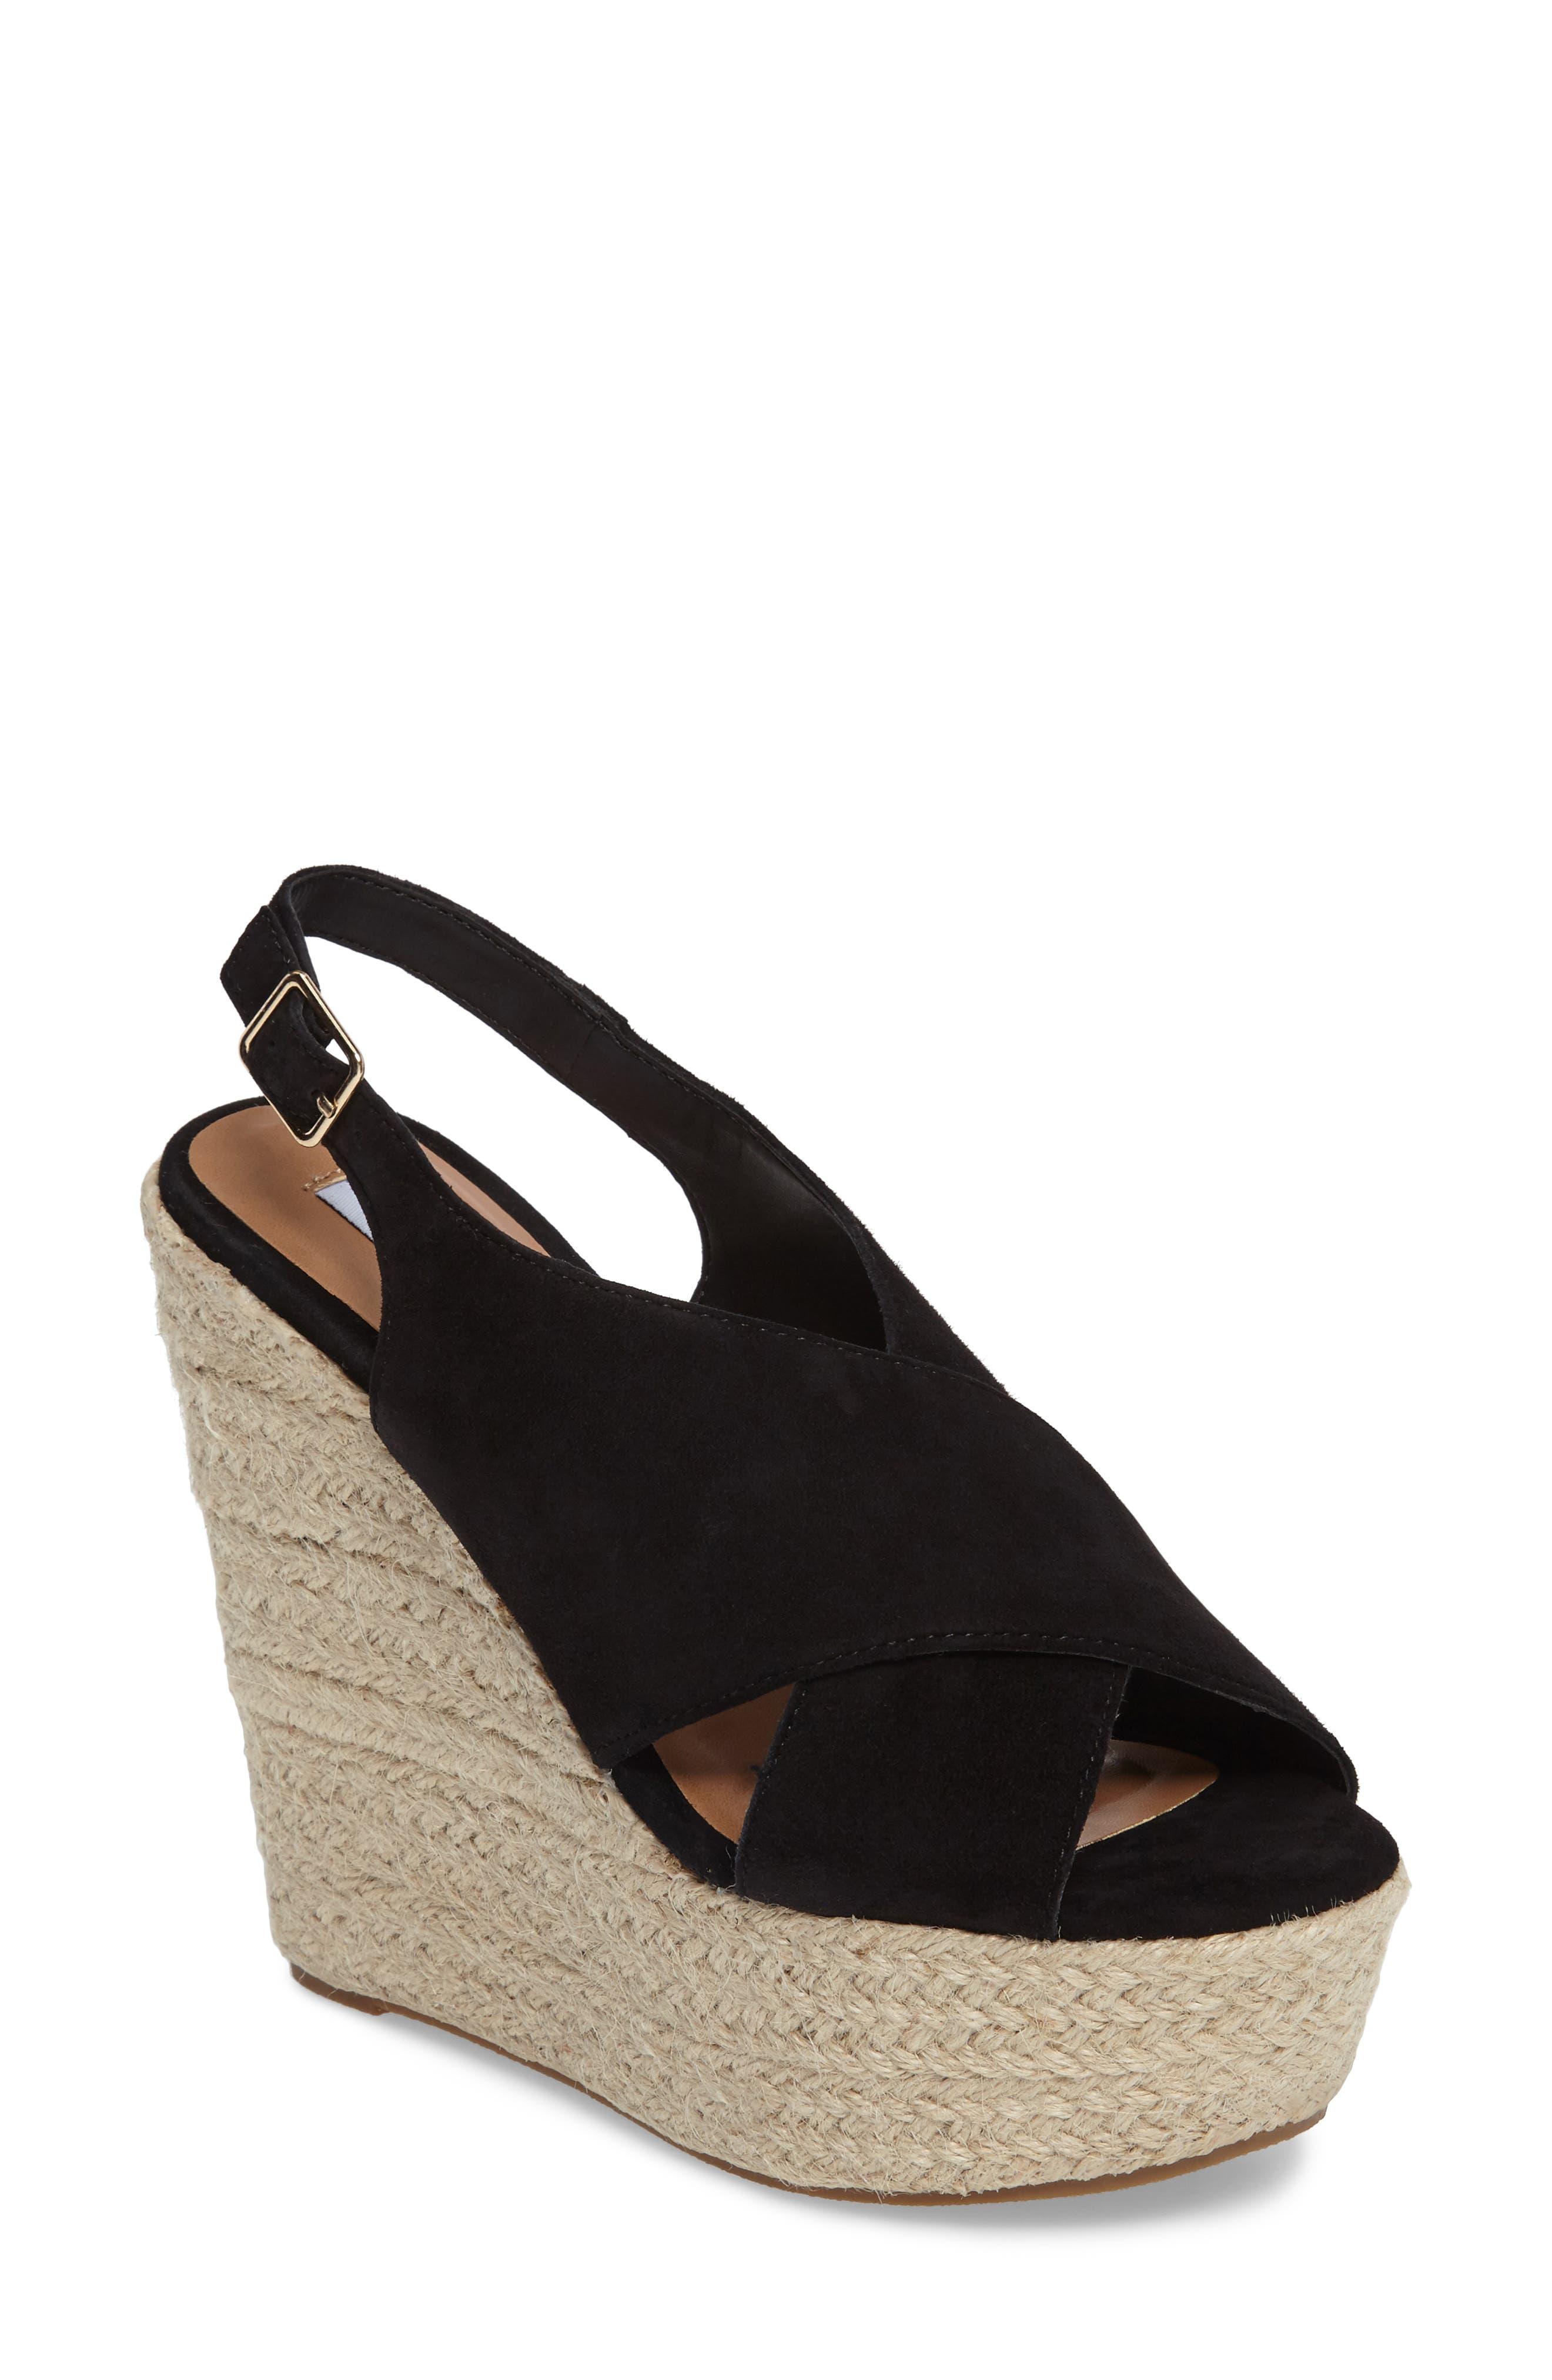 Alternate Image 1 Selected - Steve Madden Rayla Platform Wedge Sandal (Women)